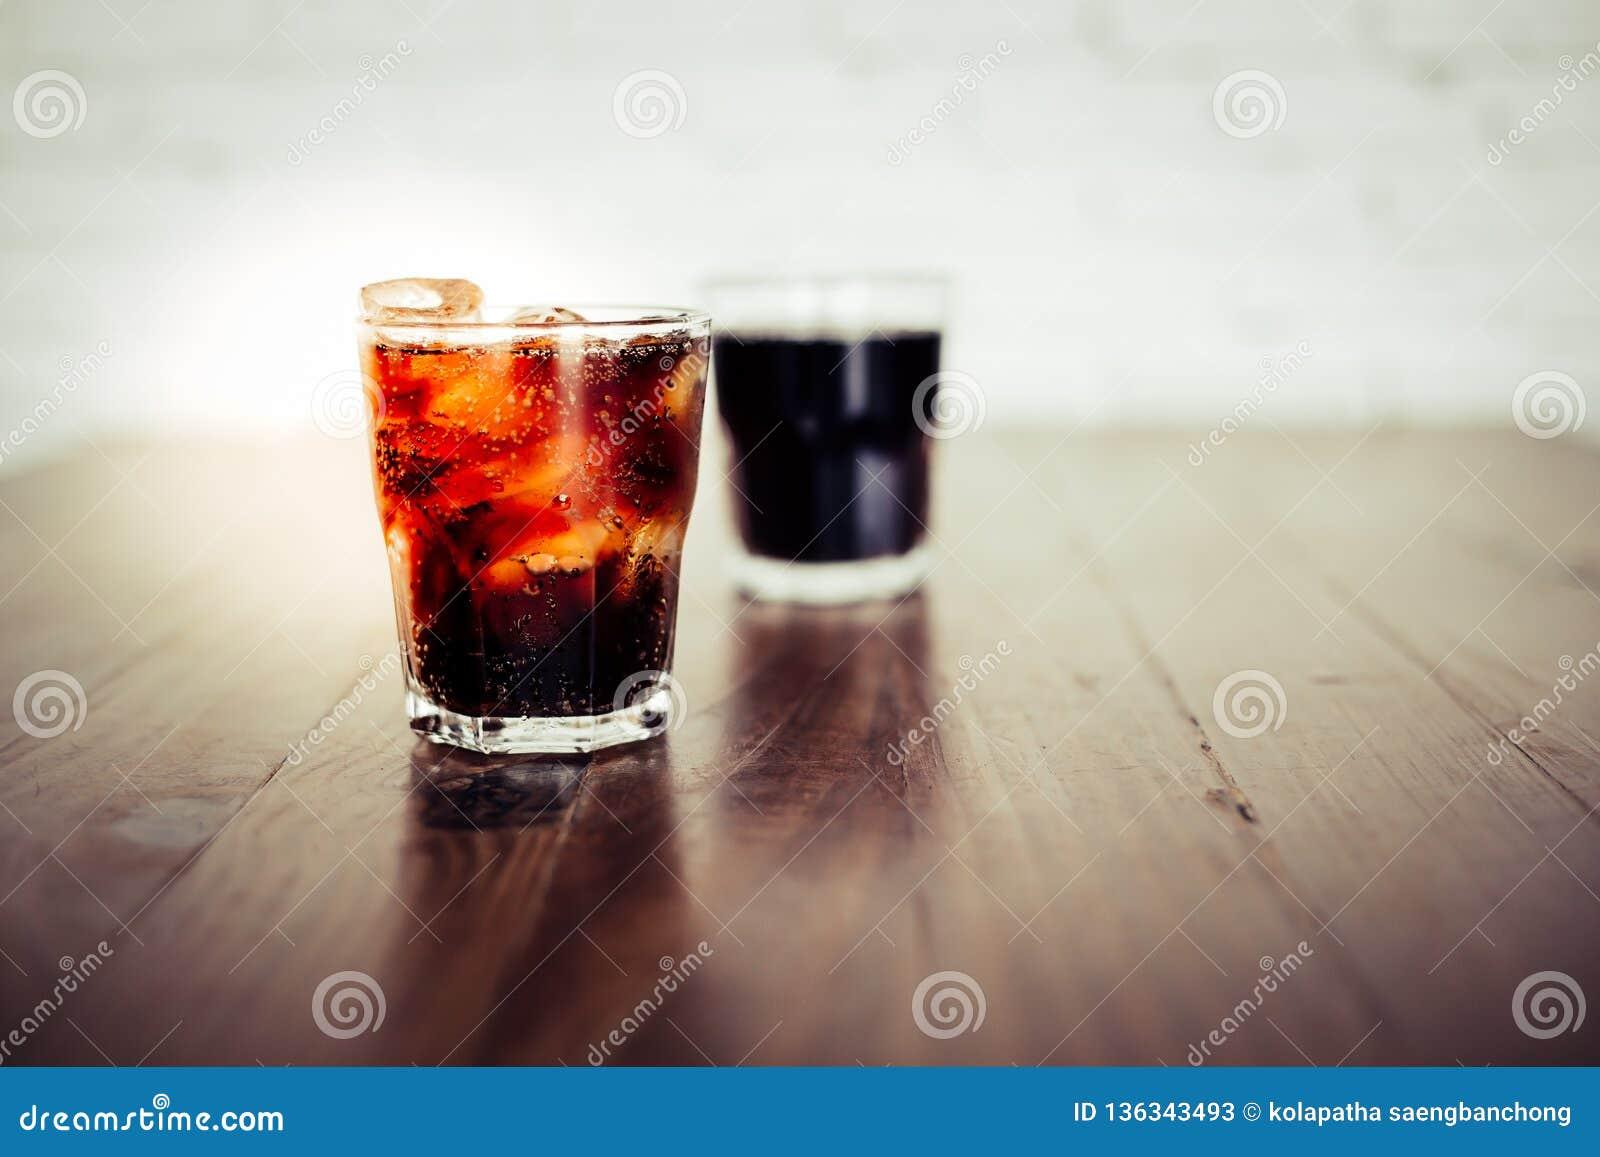 Nahaufnahmekolabaum oder alkoholfreies Getränk Der kalte Kolabaum in einem Glas mit Eiswürfel auf dem Holztisch Kolabaumgeschmack